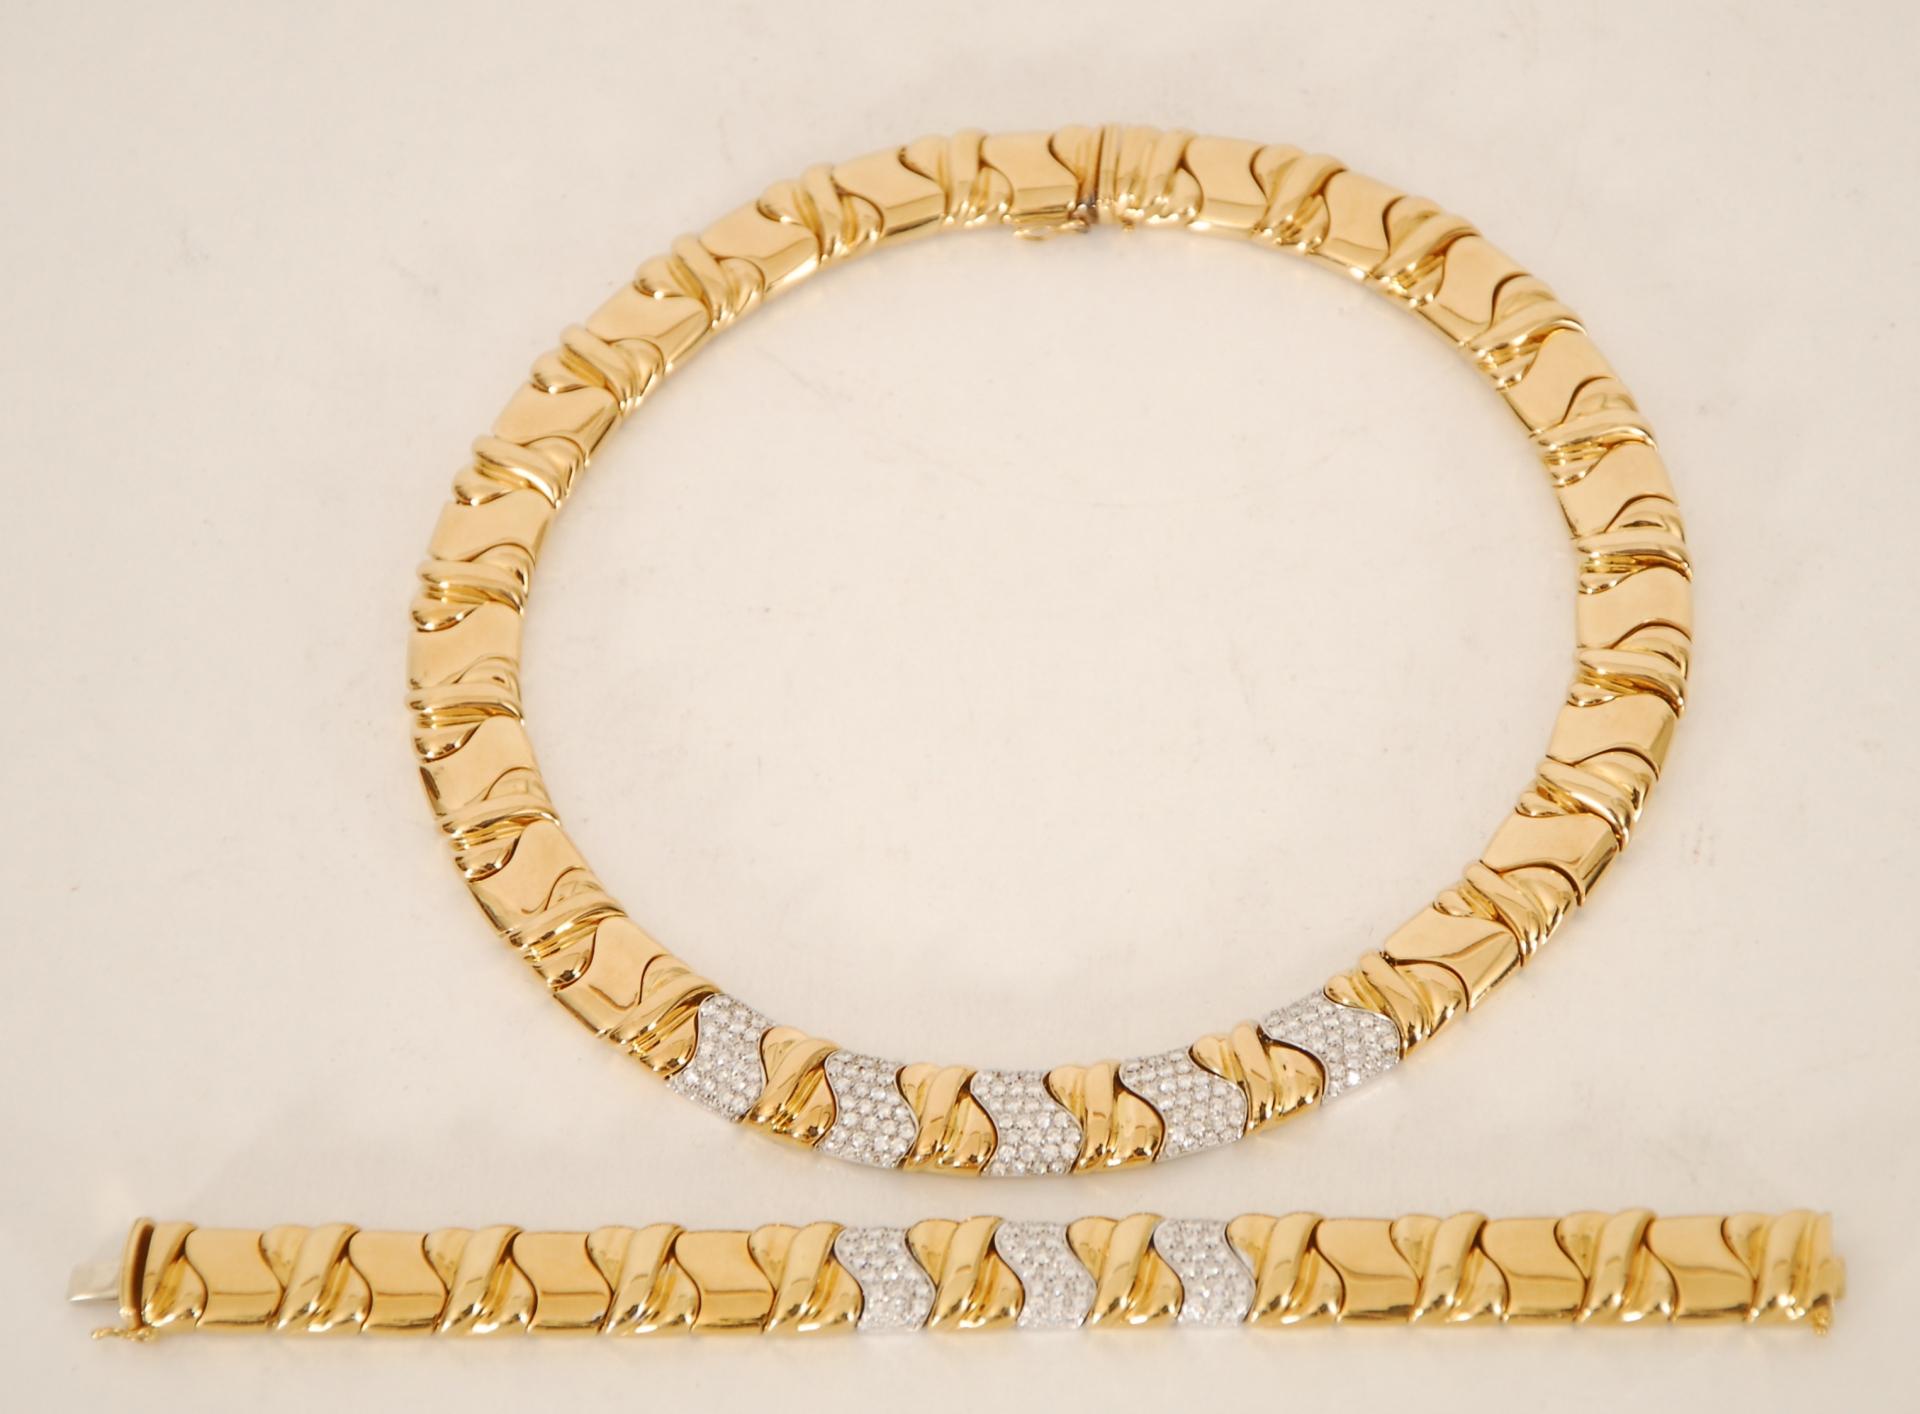 Collier et bracelet style Bulgari